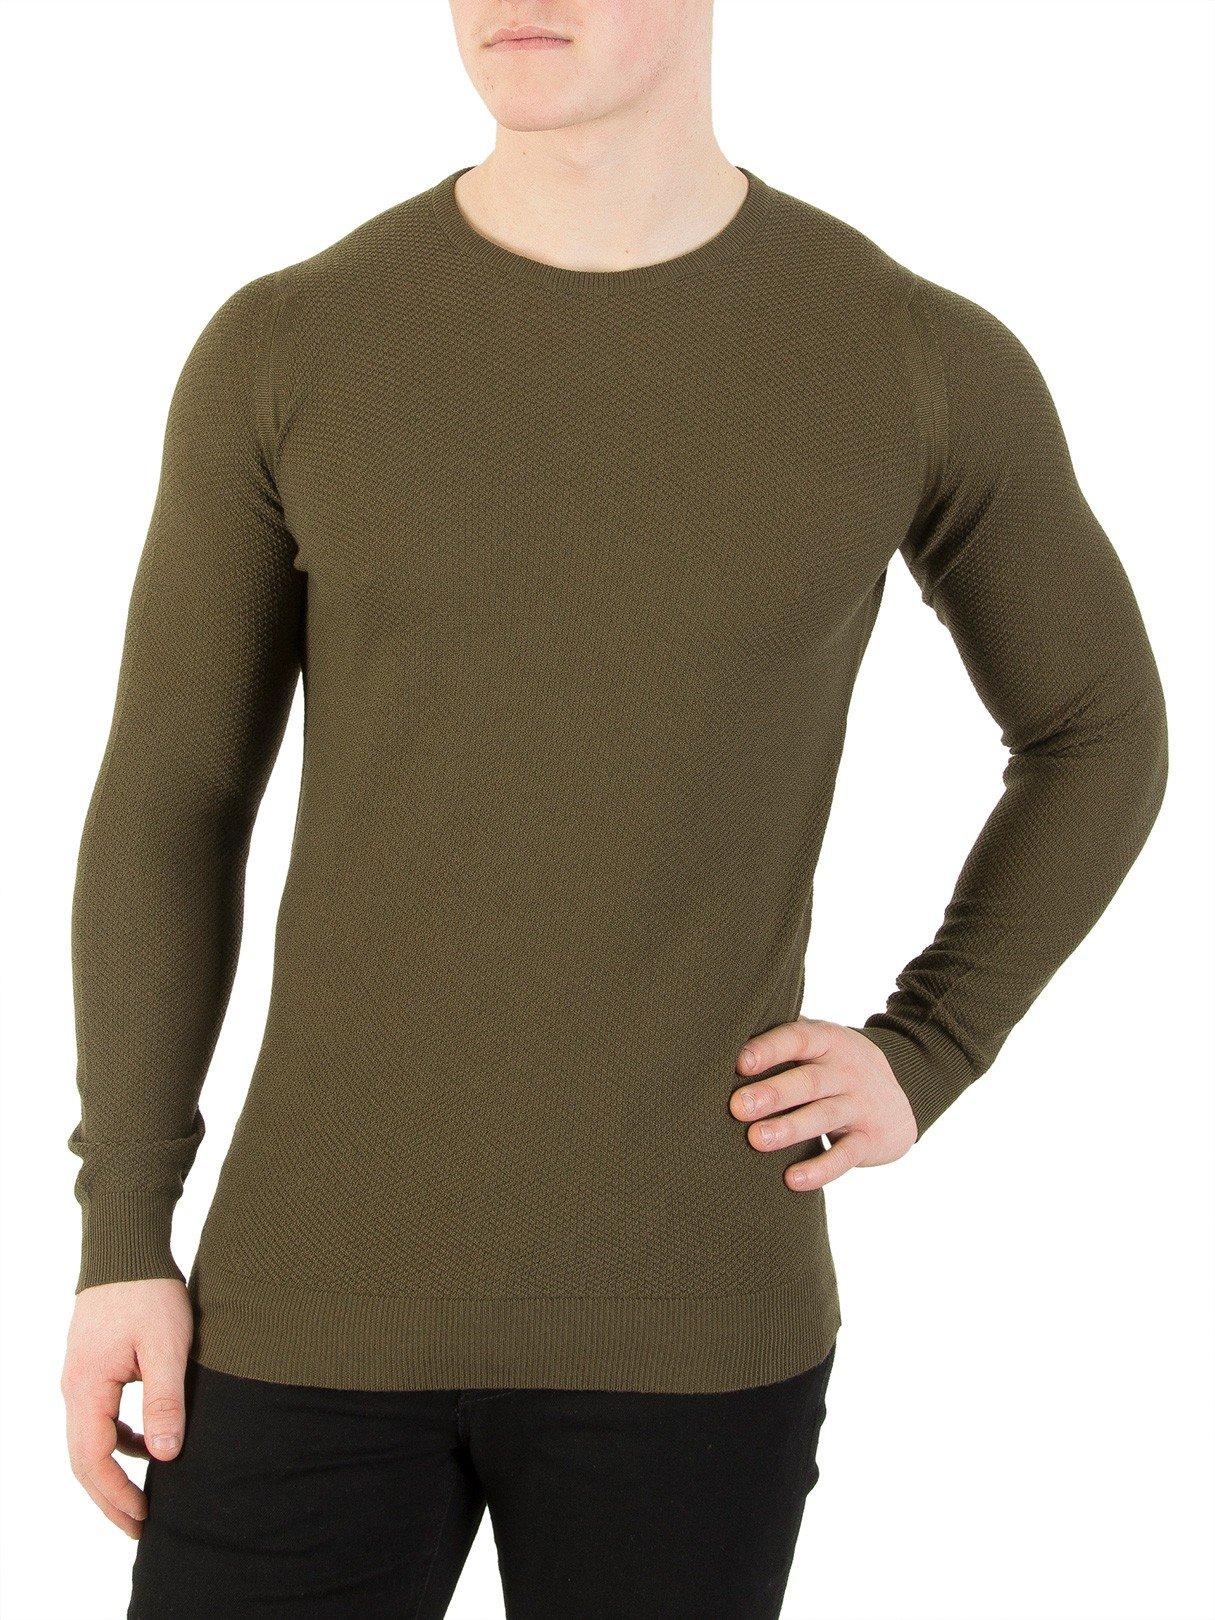 John Smedley Men's 1.singular Textured Knit, Green, X-Large